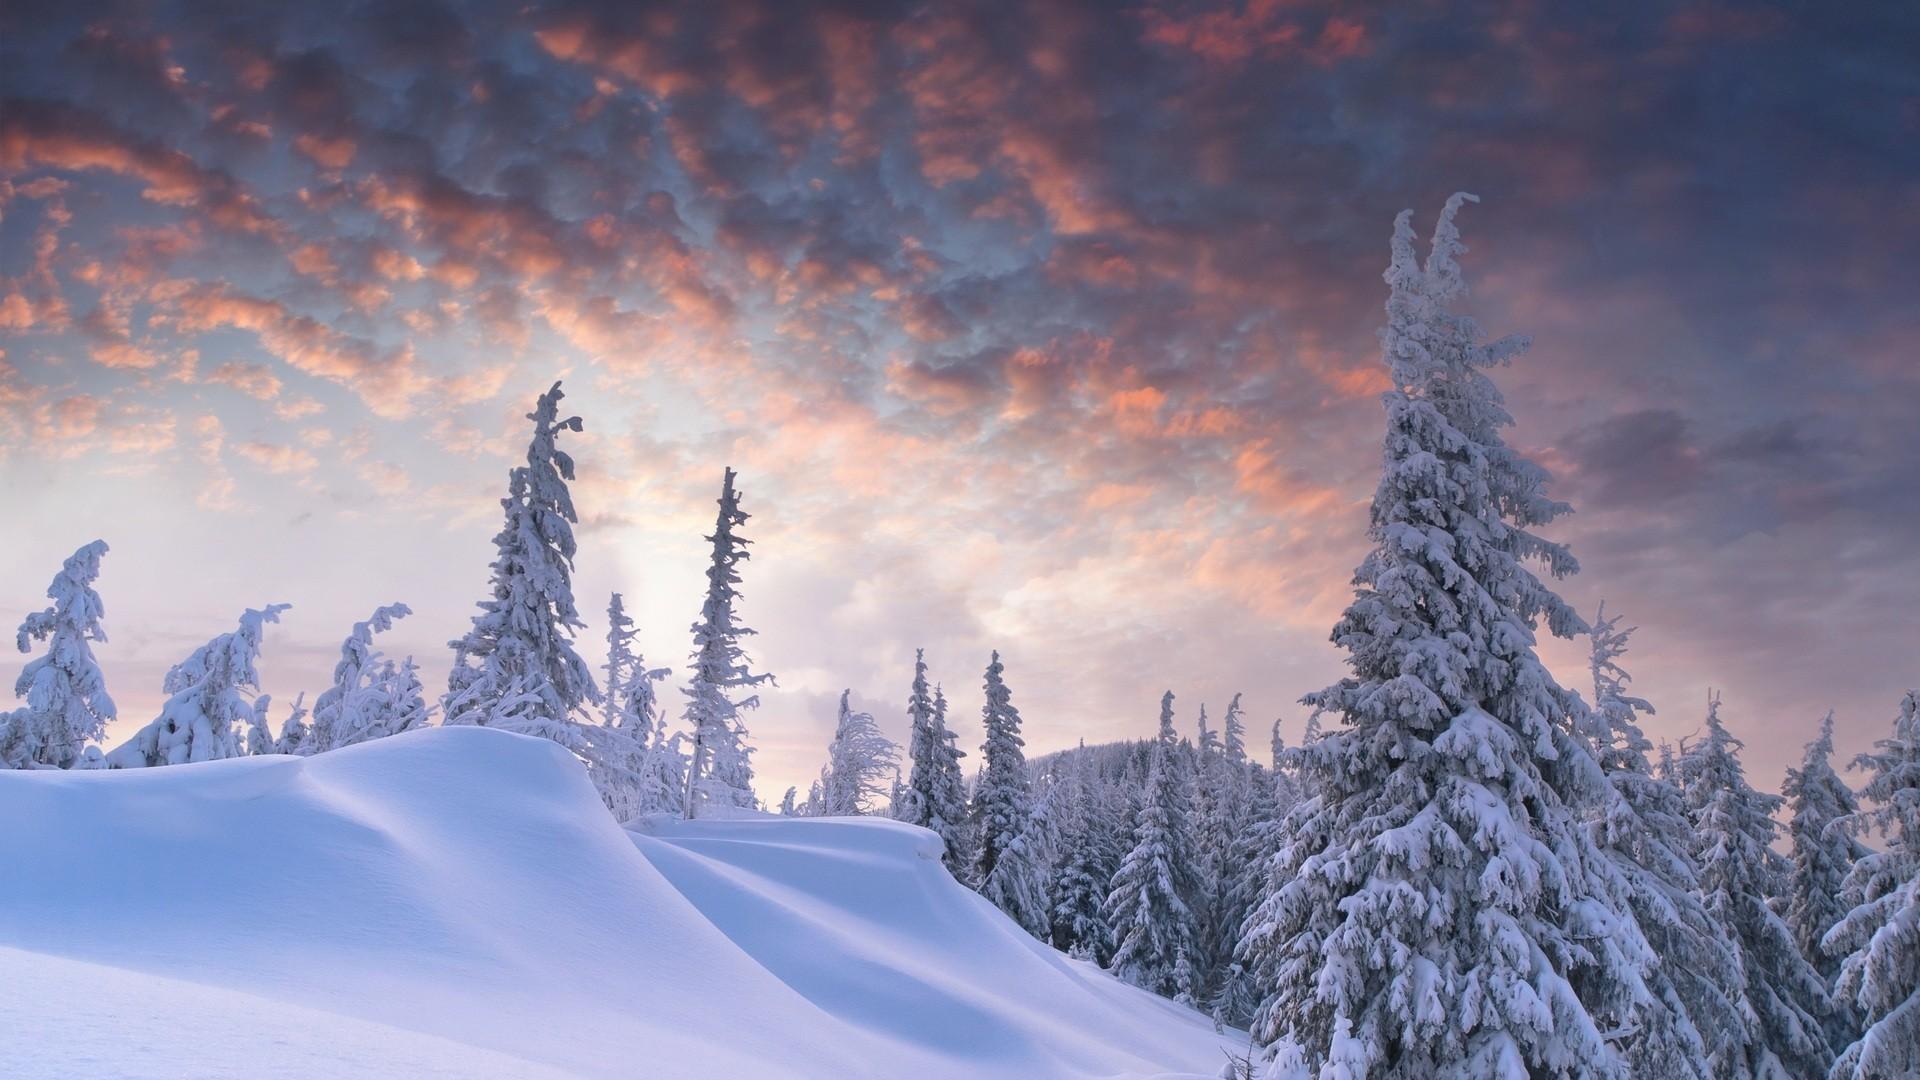 Res: 1920x1080, Outstanding winter scene wallpaper